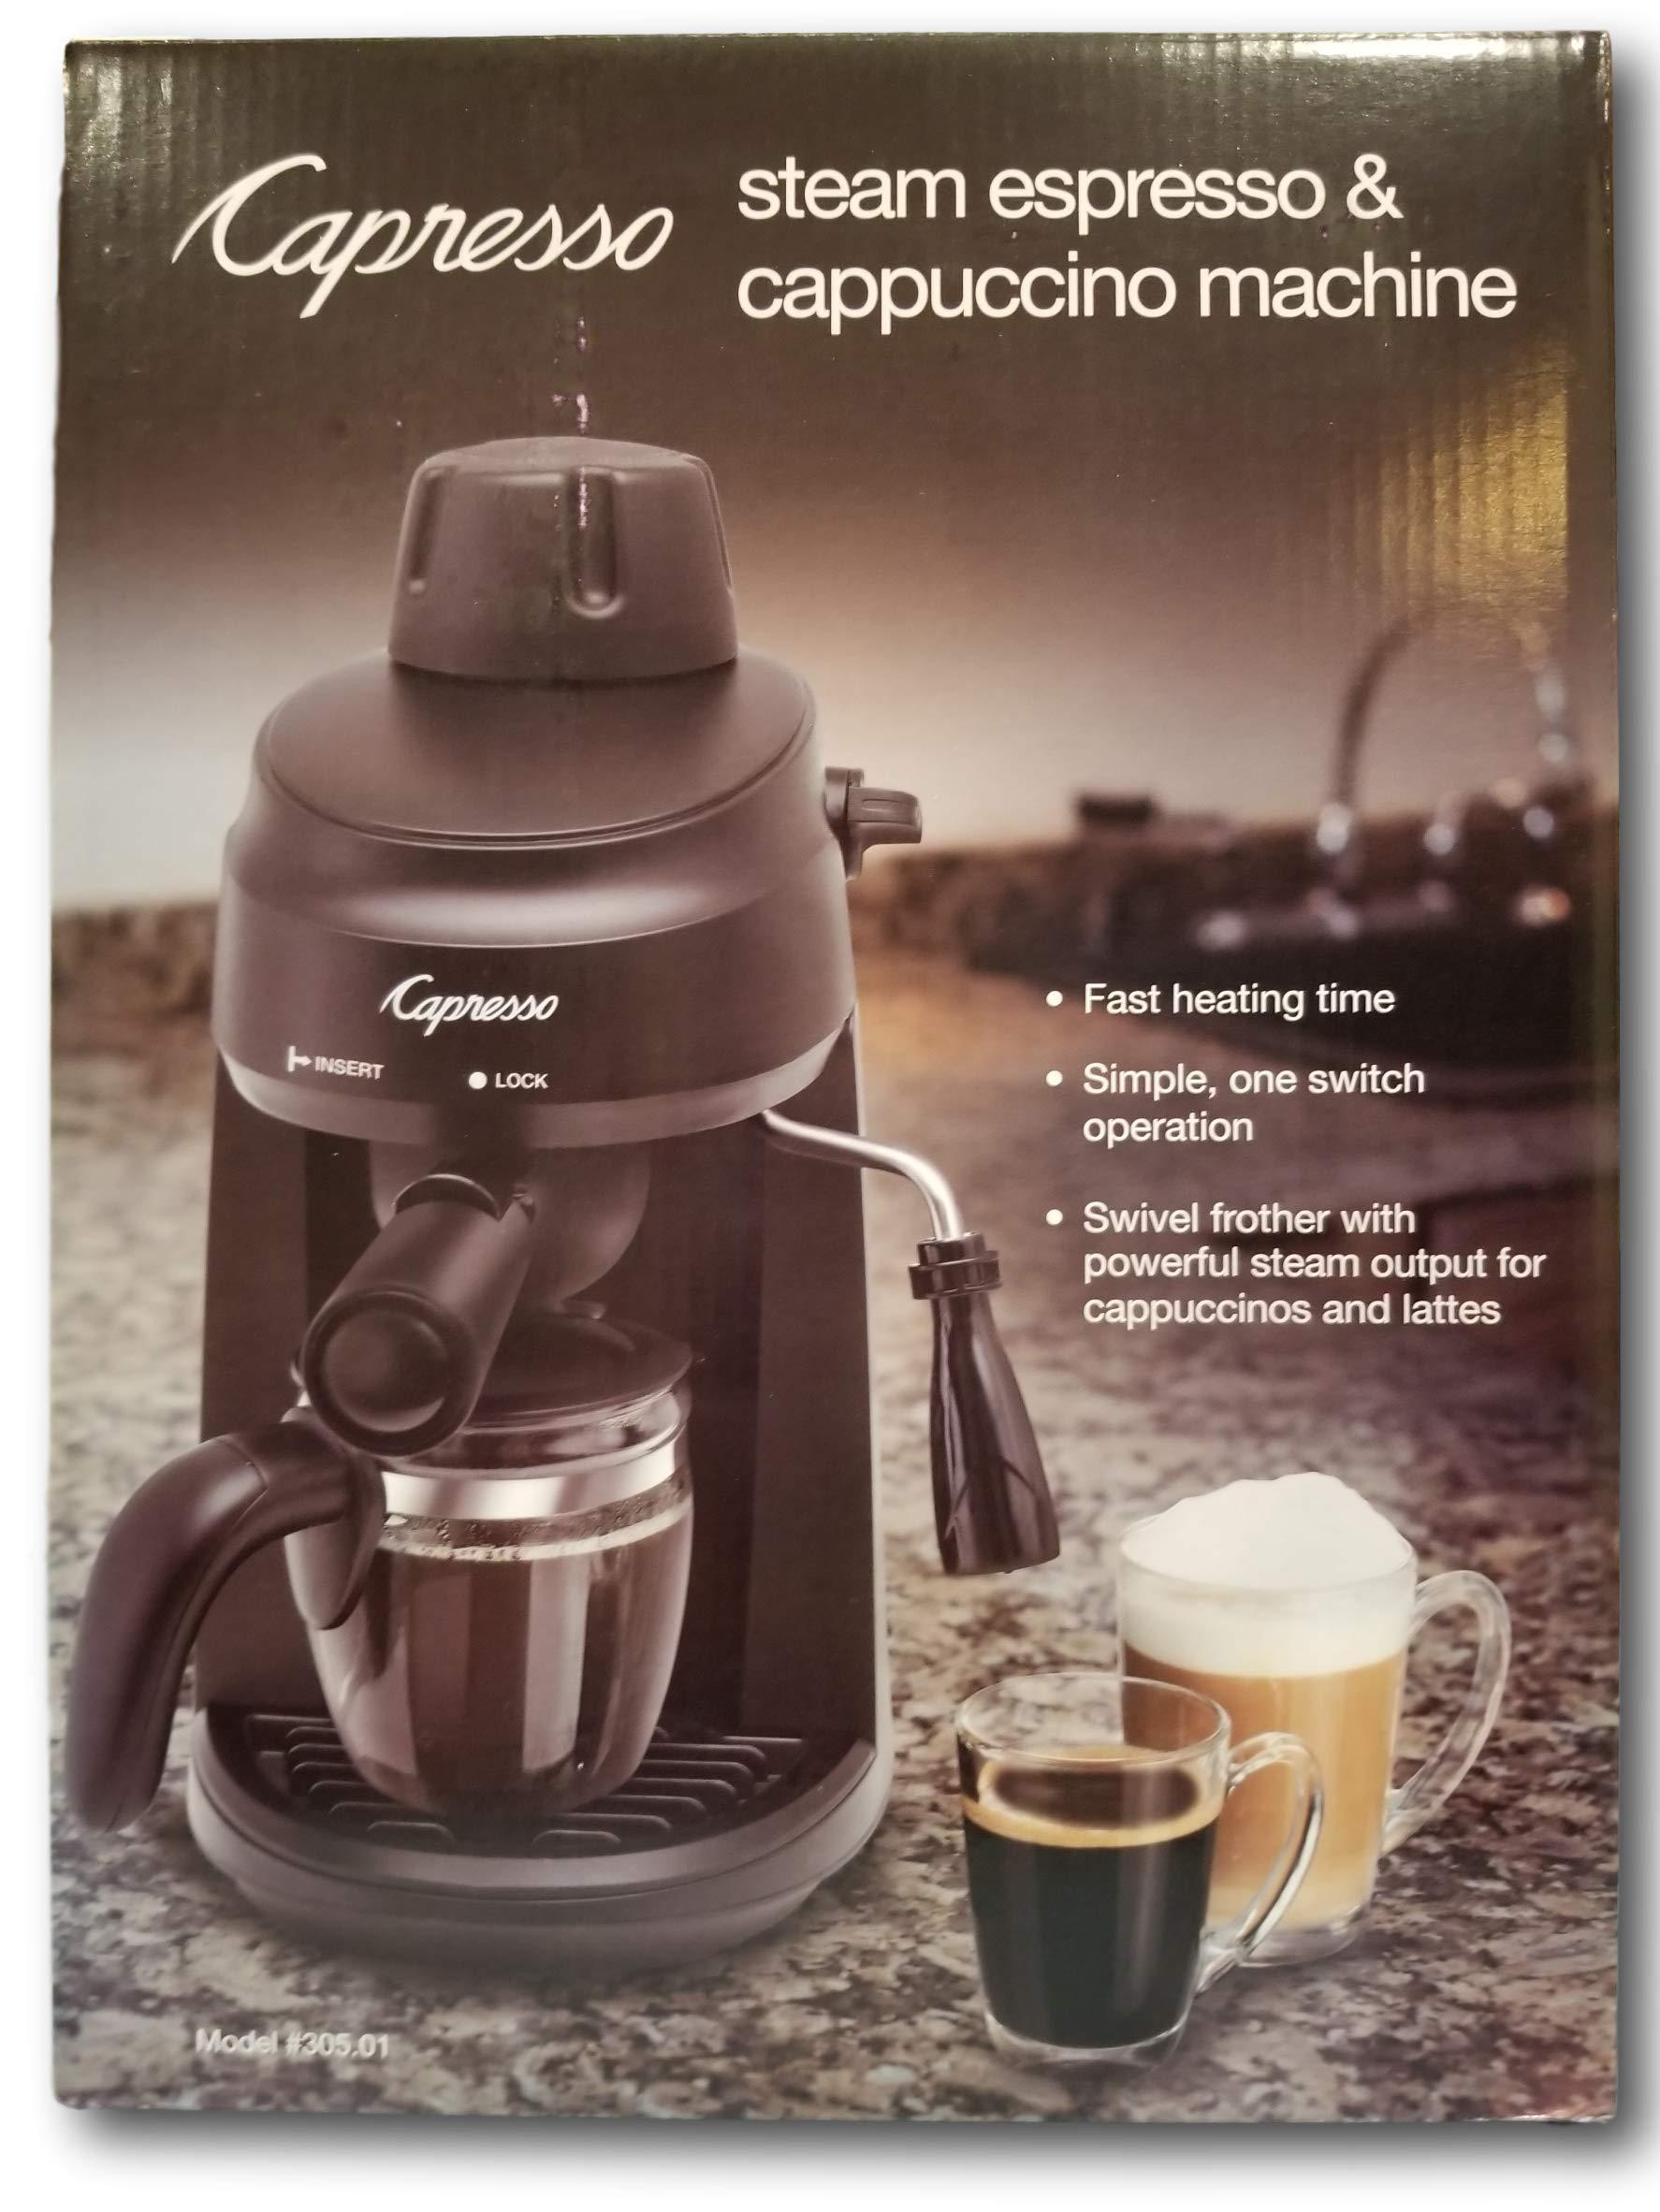 Capresso Steam Espresso & Cappuccino Machine by Steam Espresso & Cappuccino Machine (Image #1)